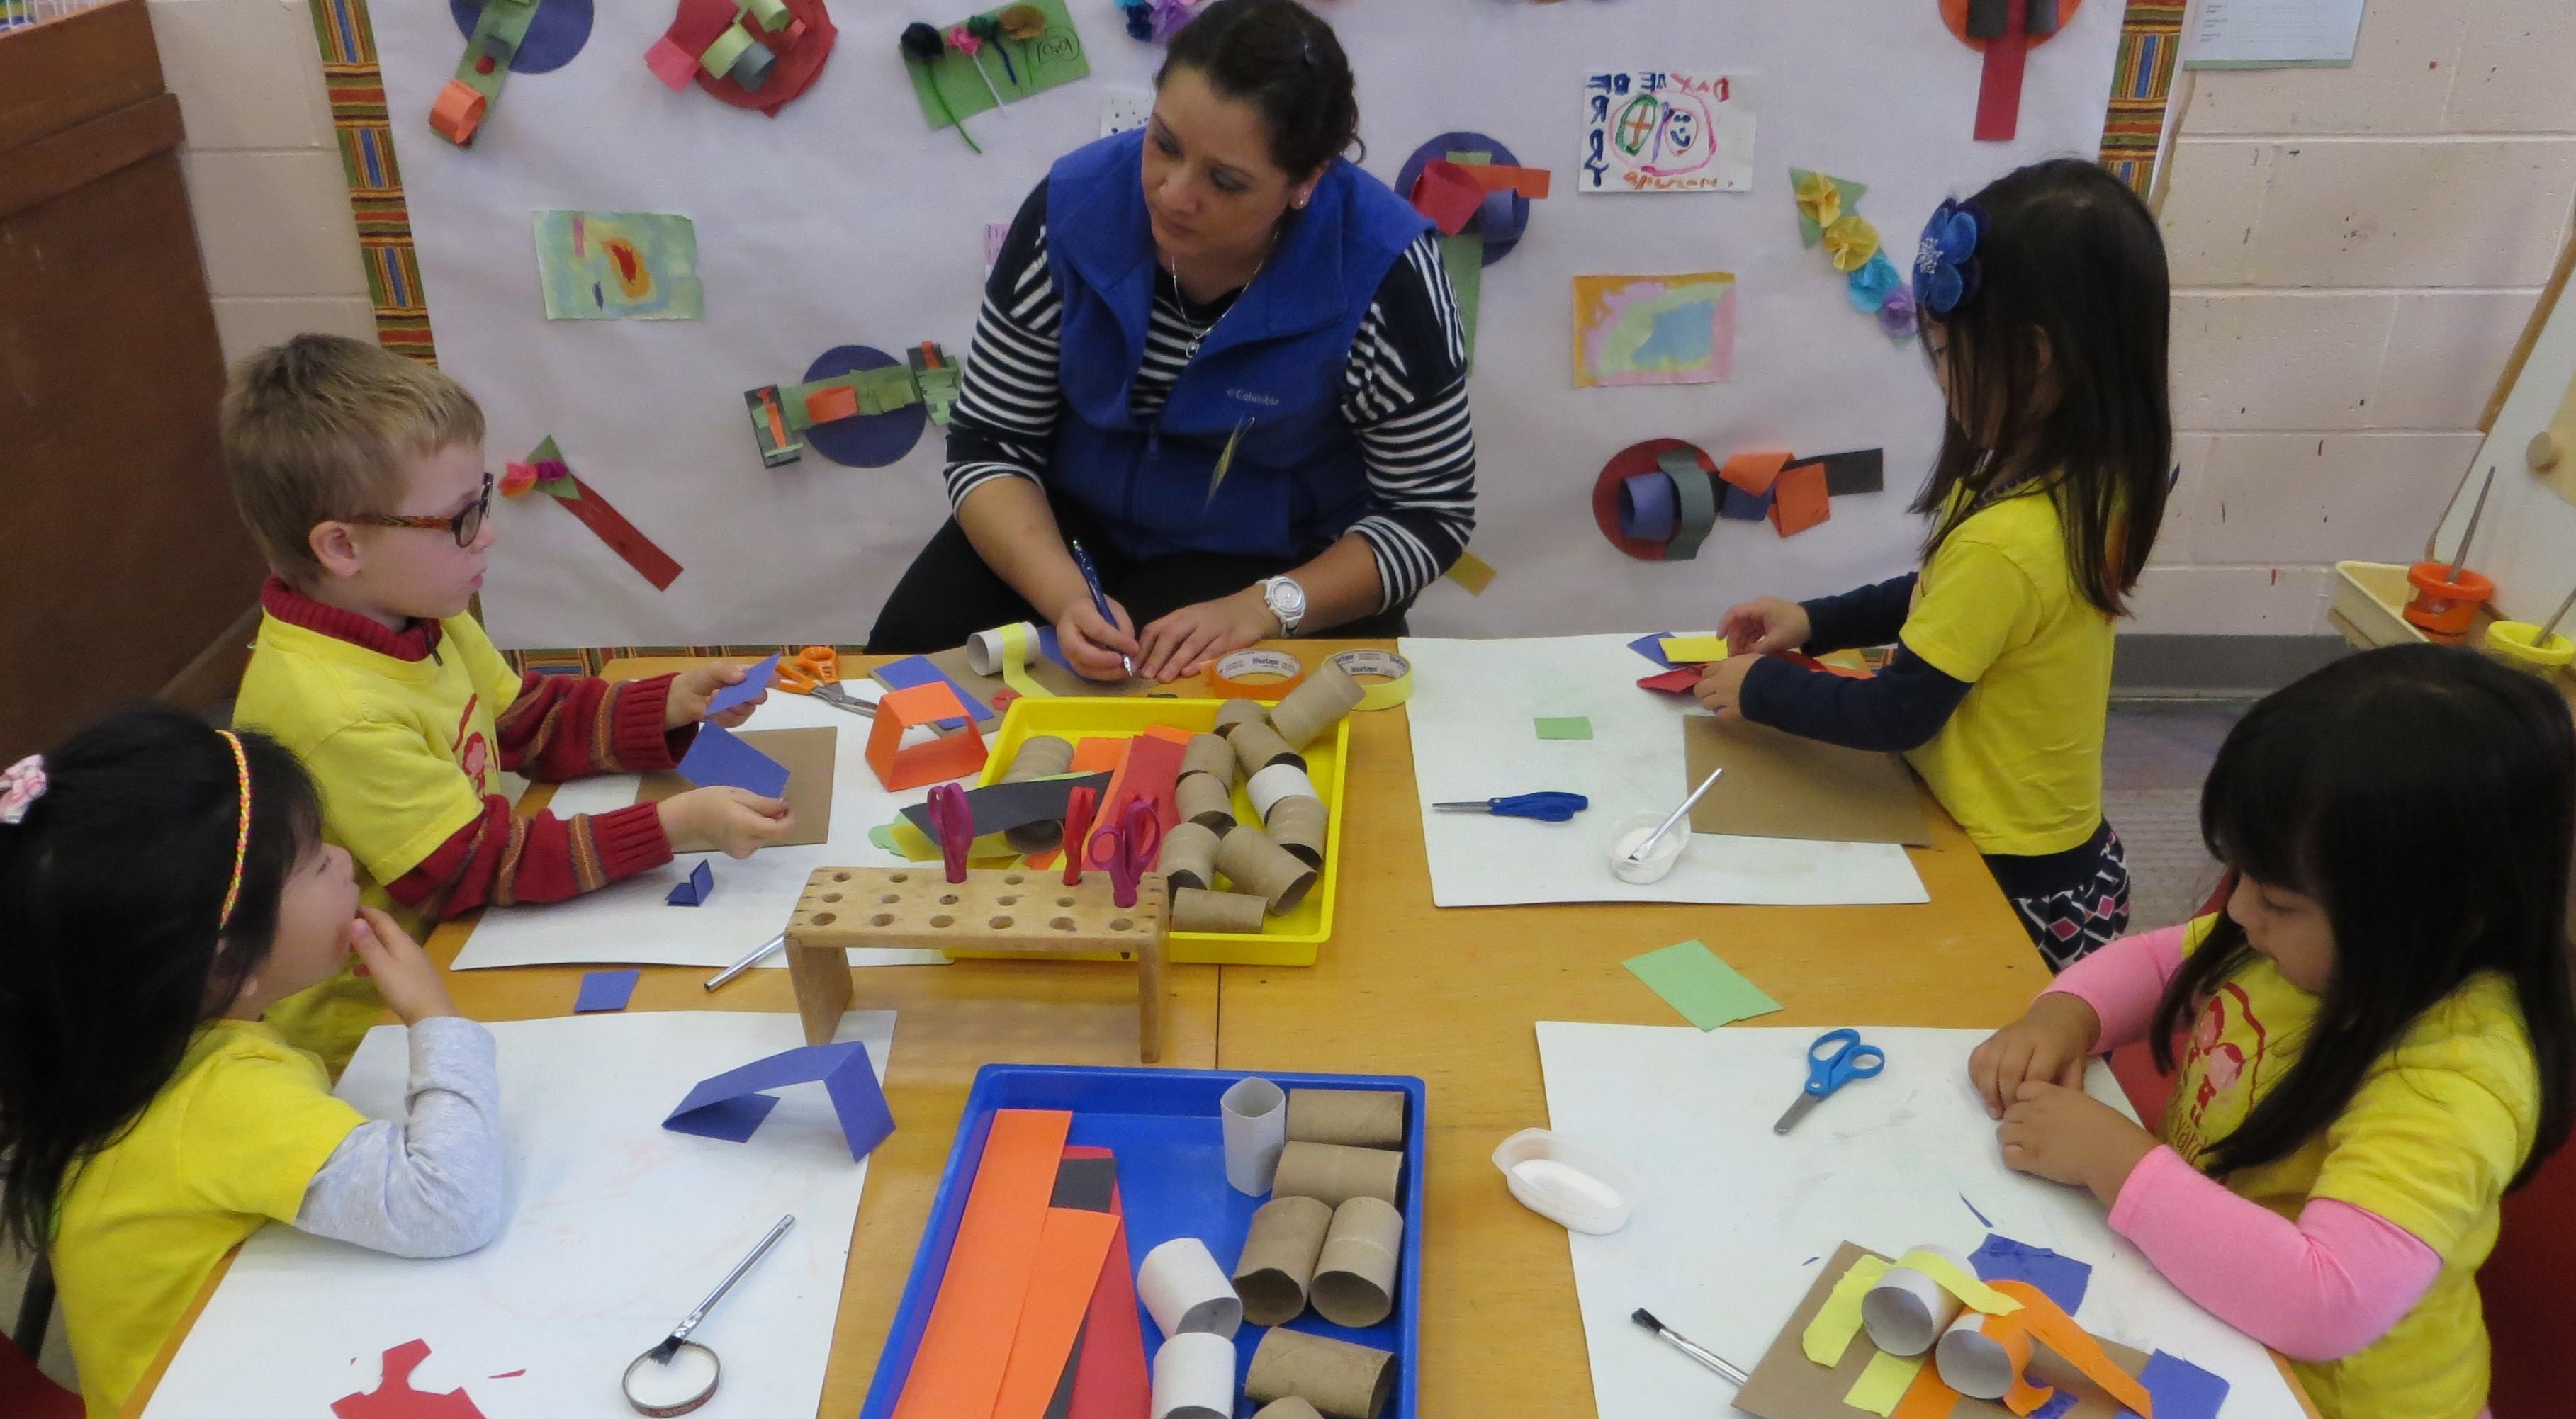 Child Development – Child Development